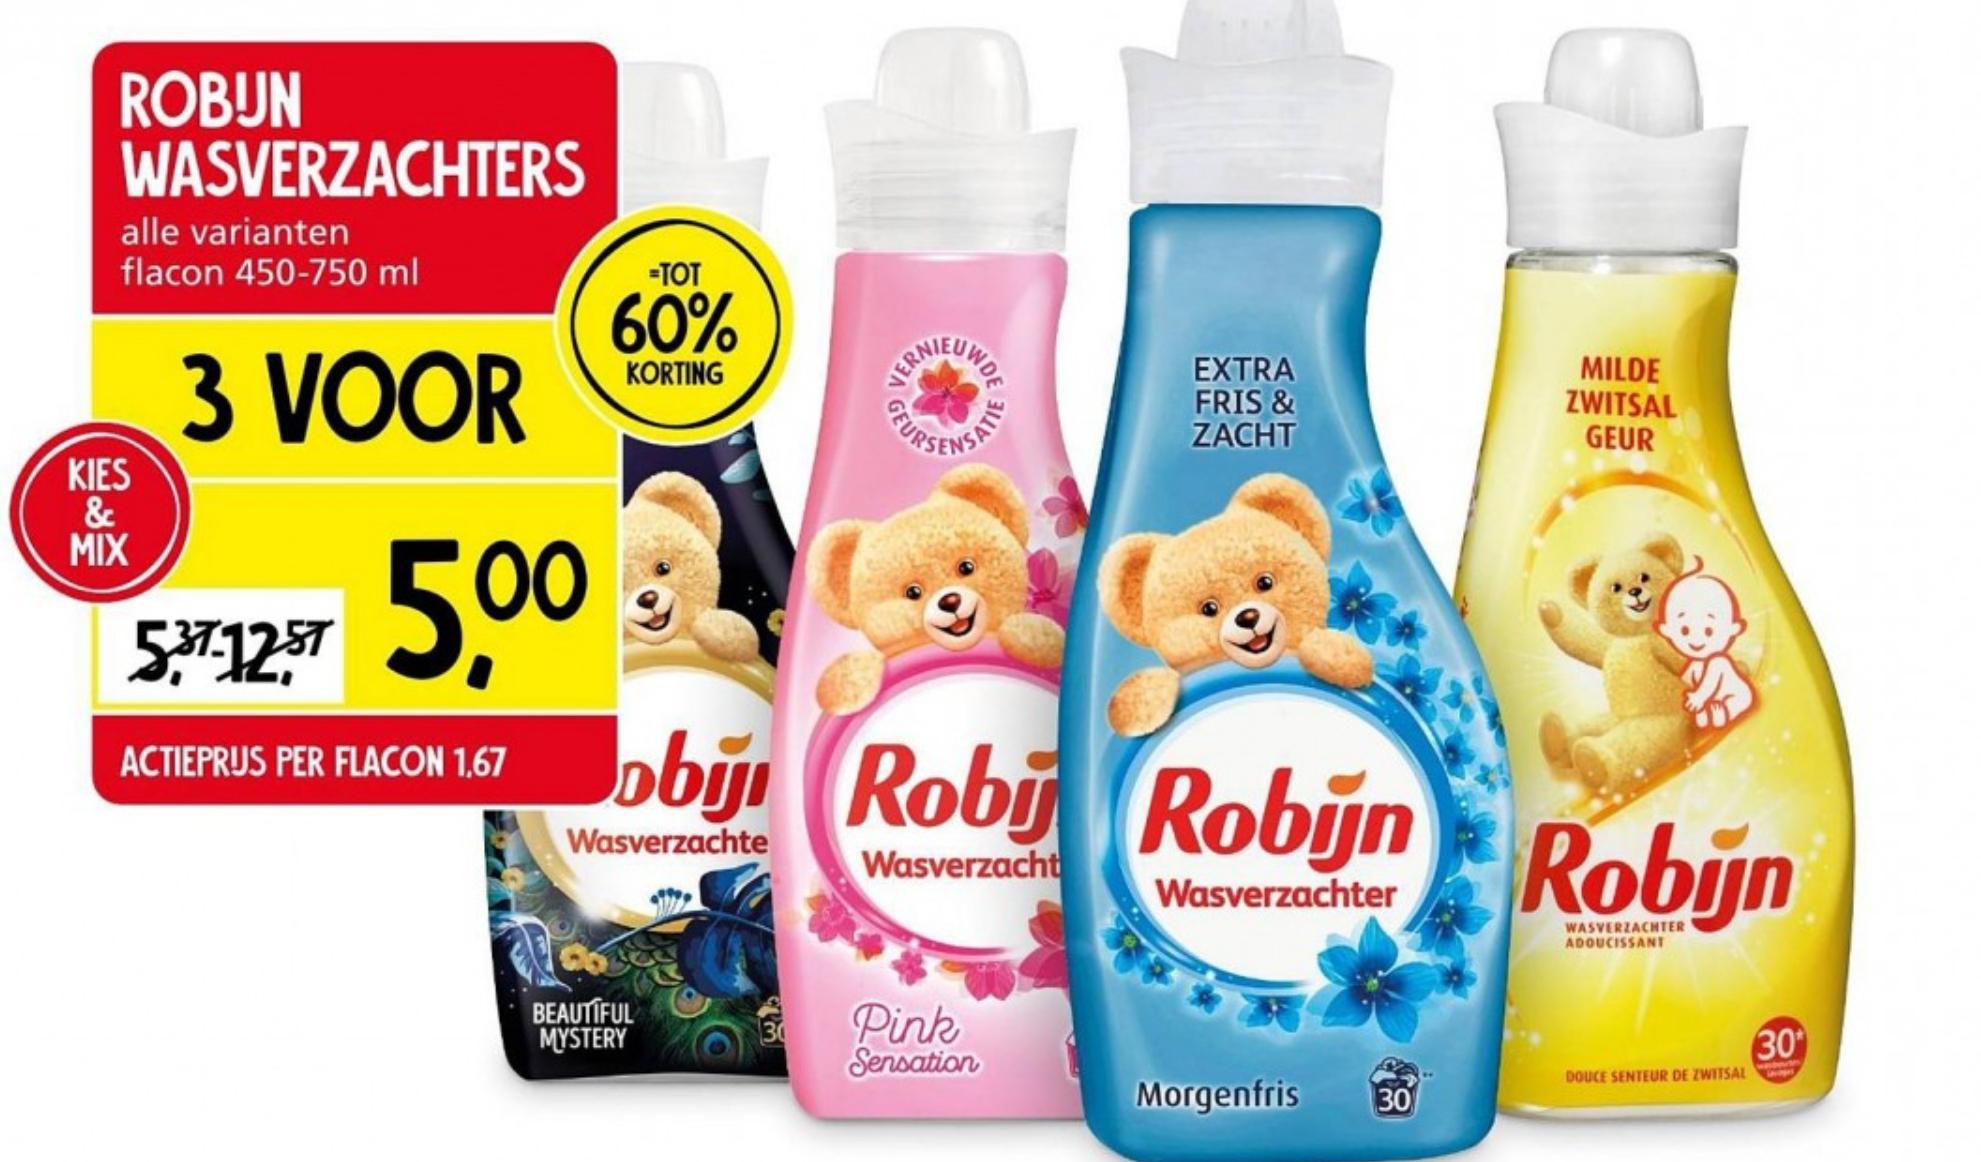 3 voor €5 - Robijn wasverzachters alle varianten flacon 450-750 ml @ Jan Linders